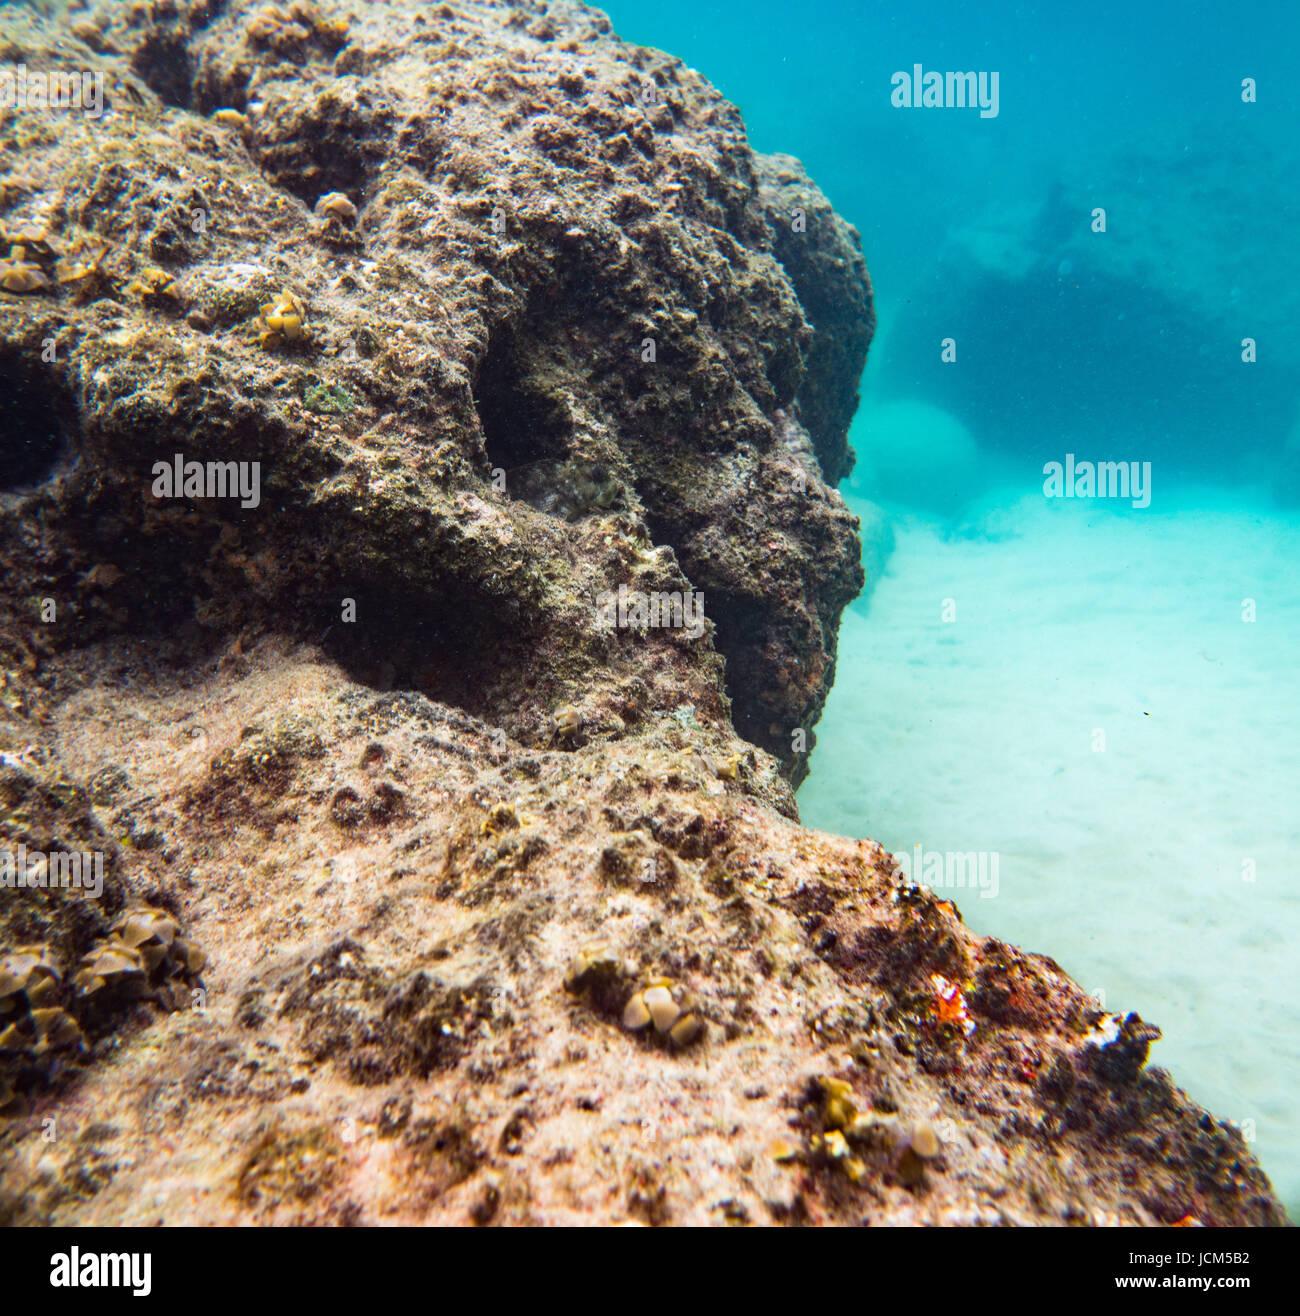 Rocks reef stockfotos rocks reef bilder seite 26 alamy - Aquarium hintergrund ausdrucken ...